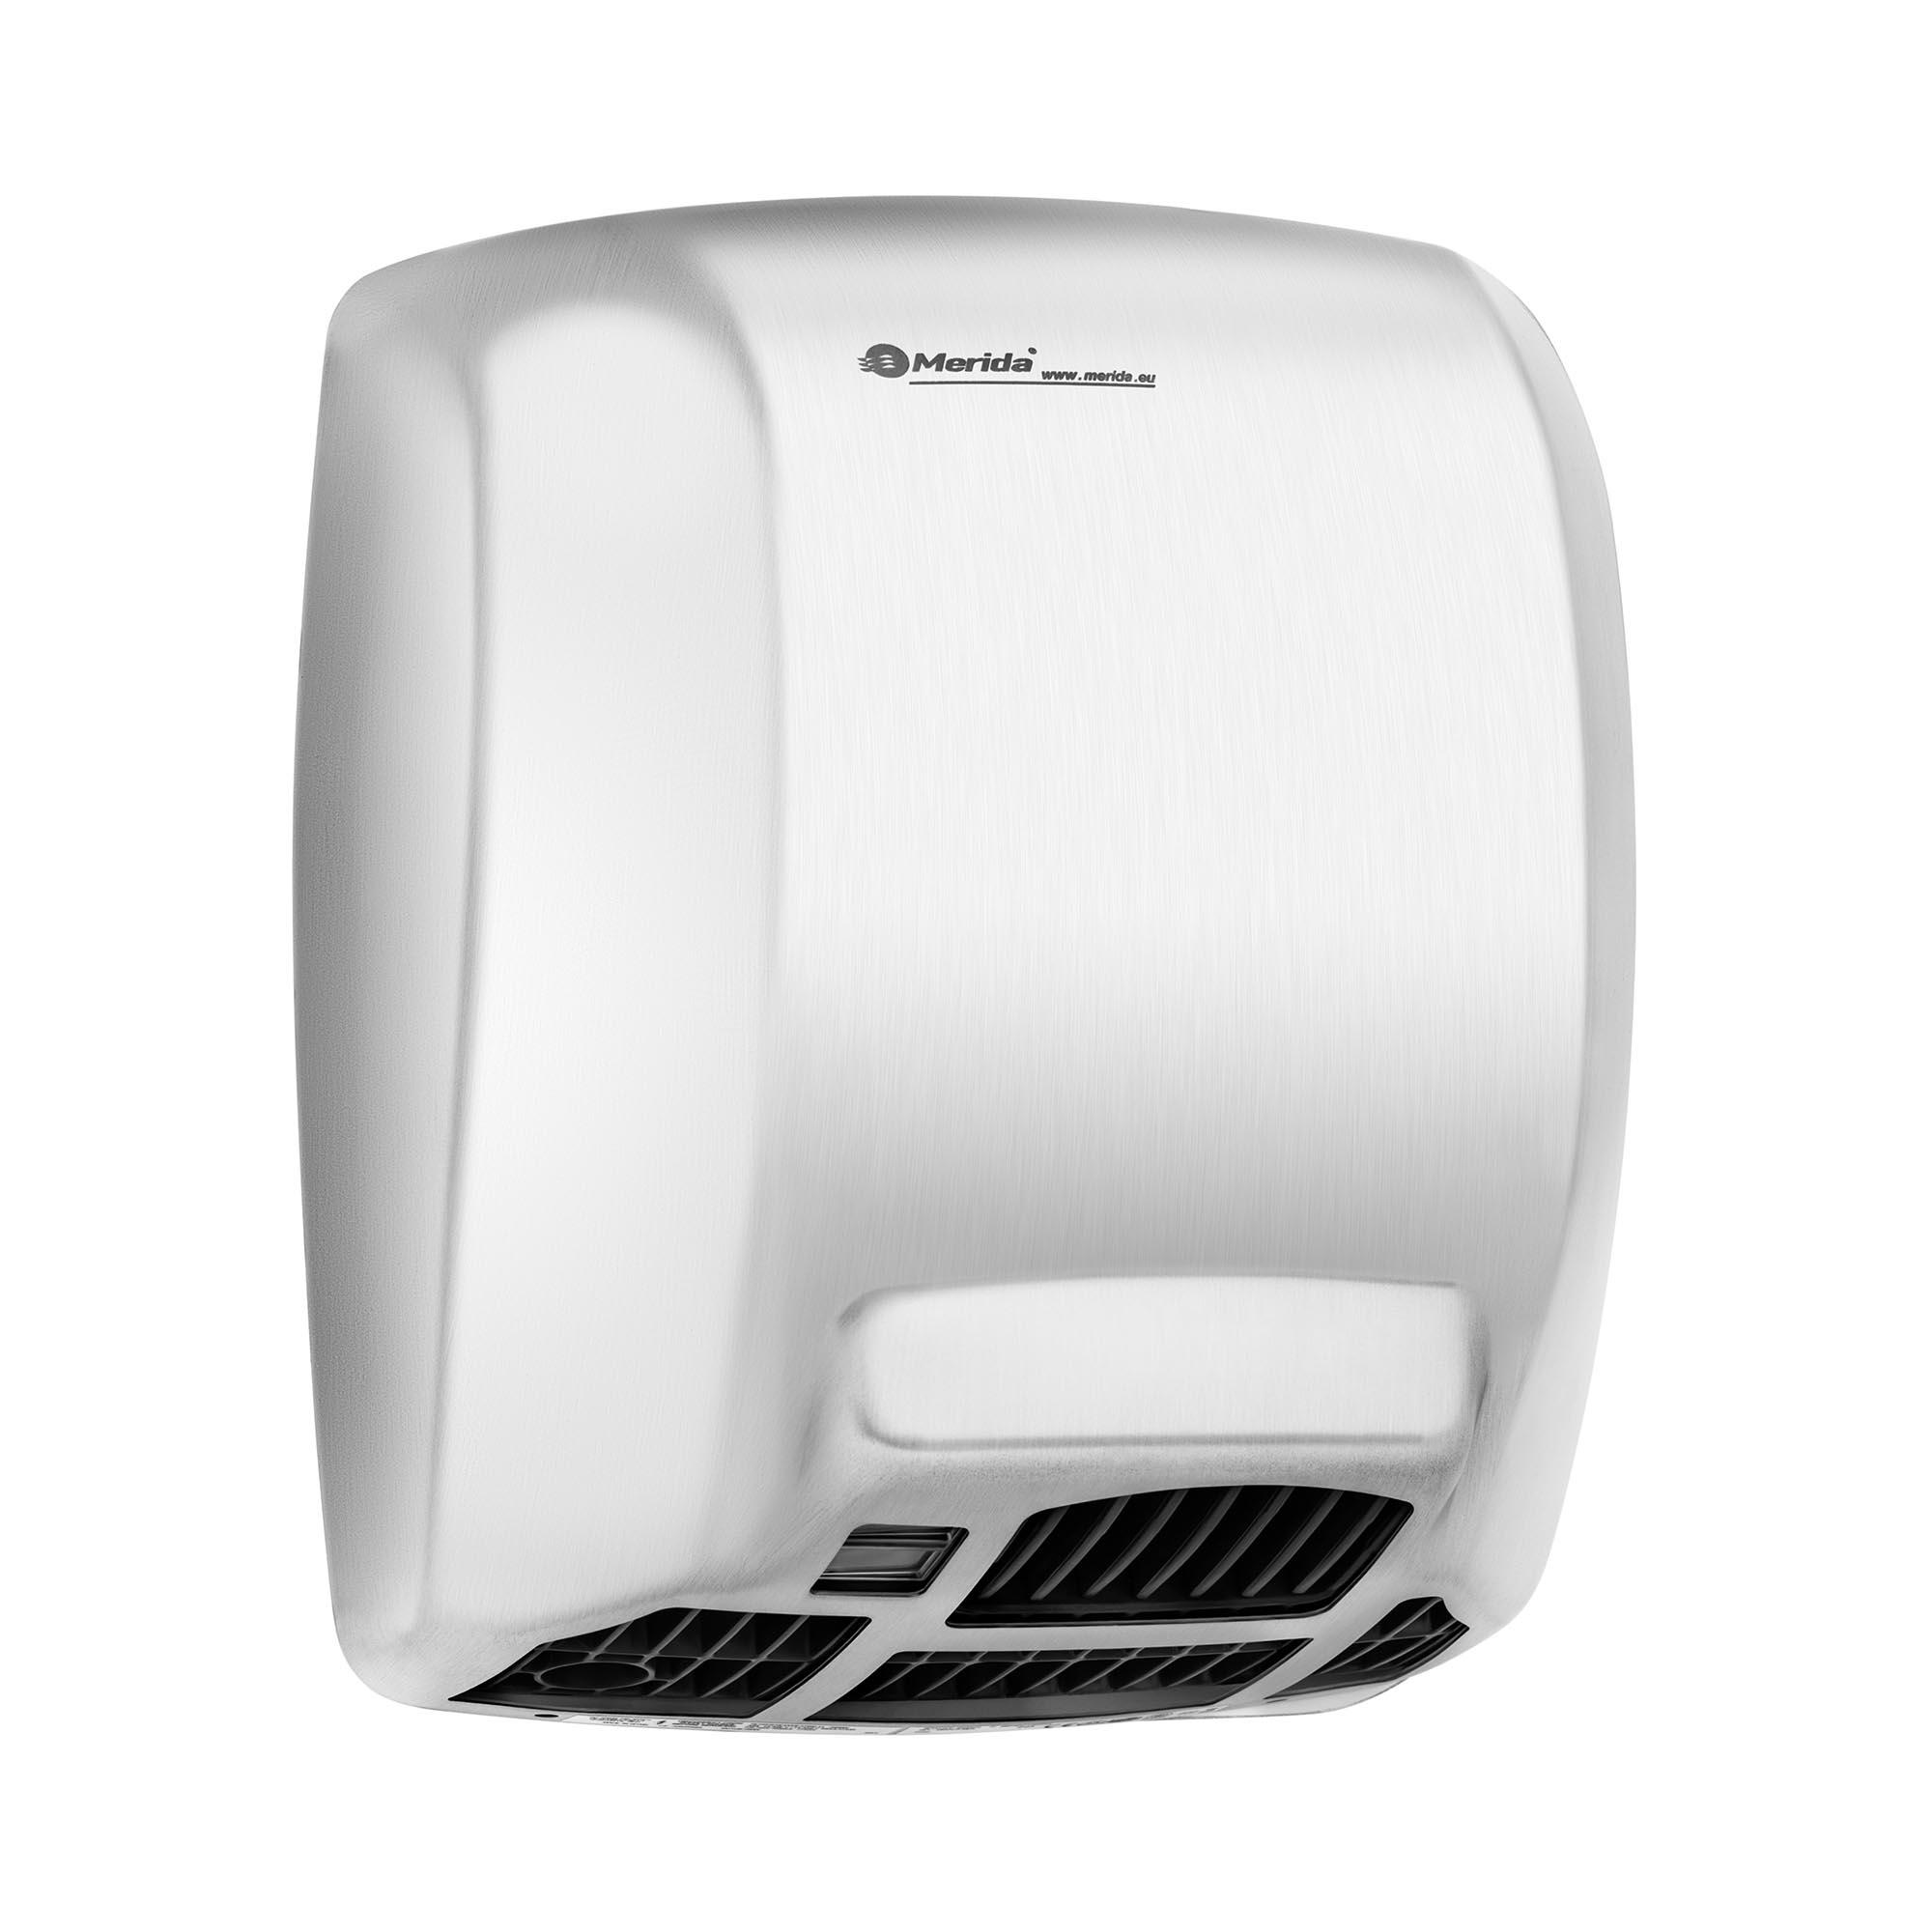 Merida Händetrockner - elektrisch - 250 W - matt 10290004